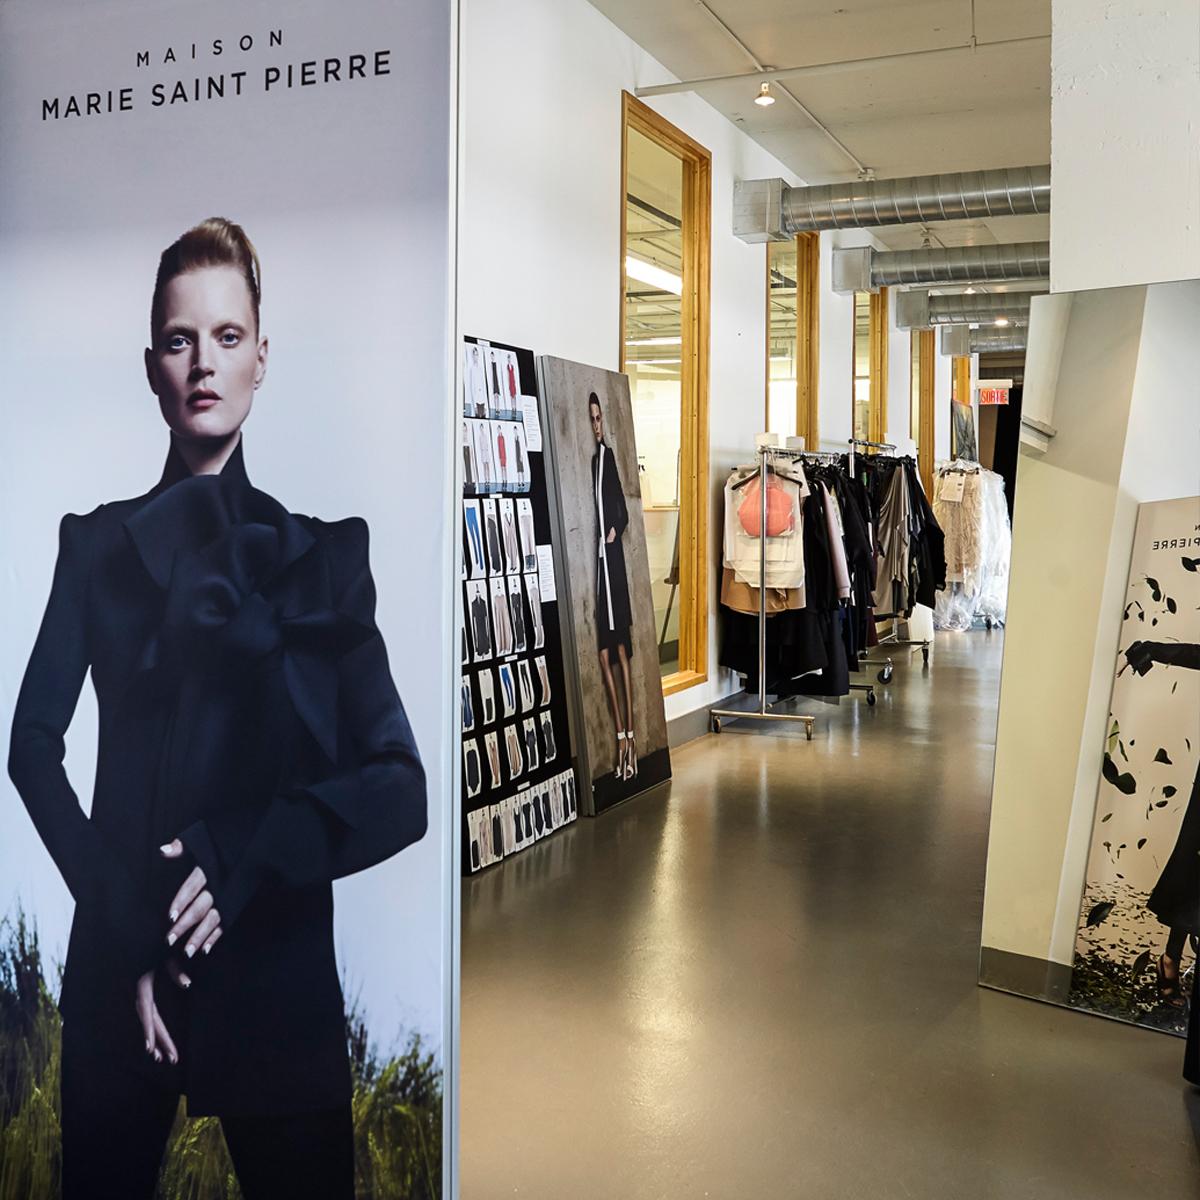 Maison Marie Saint Pierre Atelier Fashion Montreal